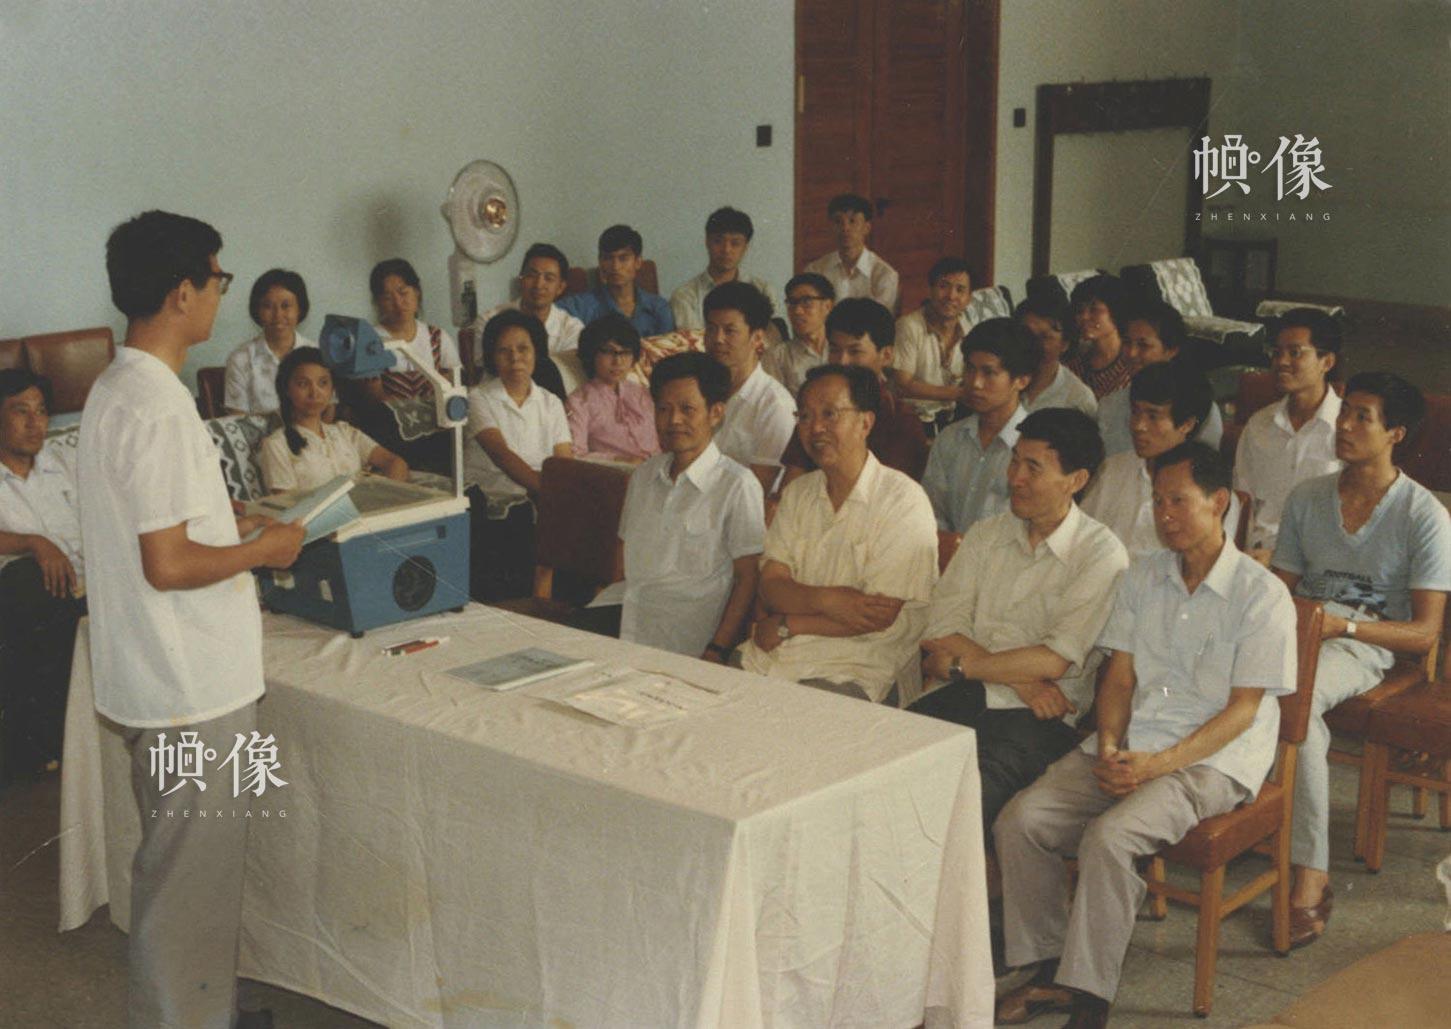 清华大学自动化系信息教研组研究生答辩会。